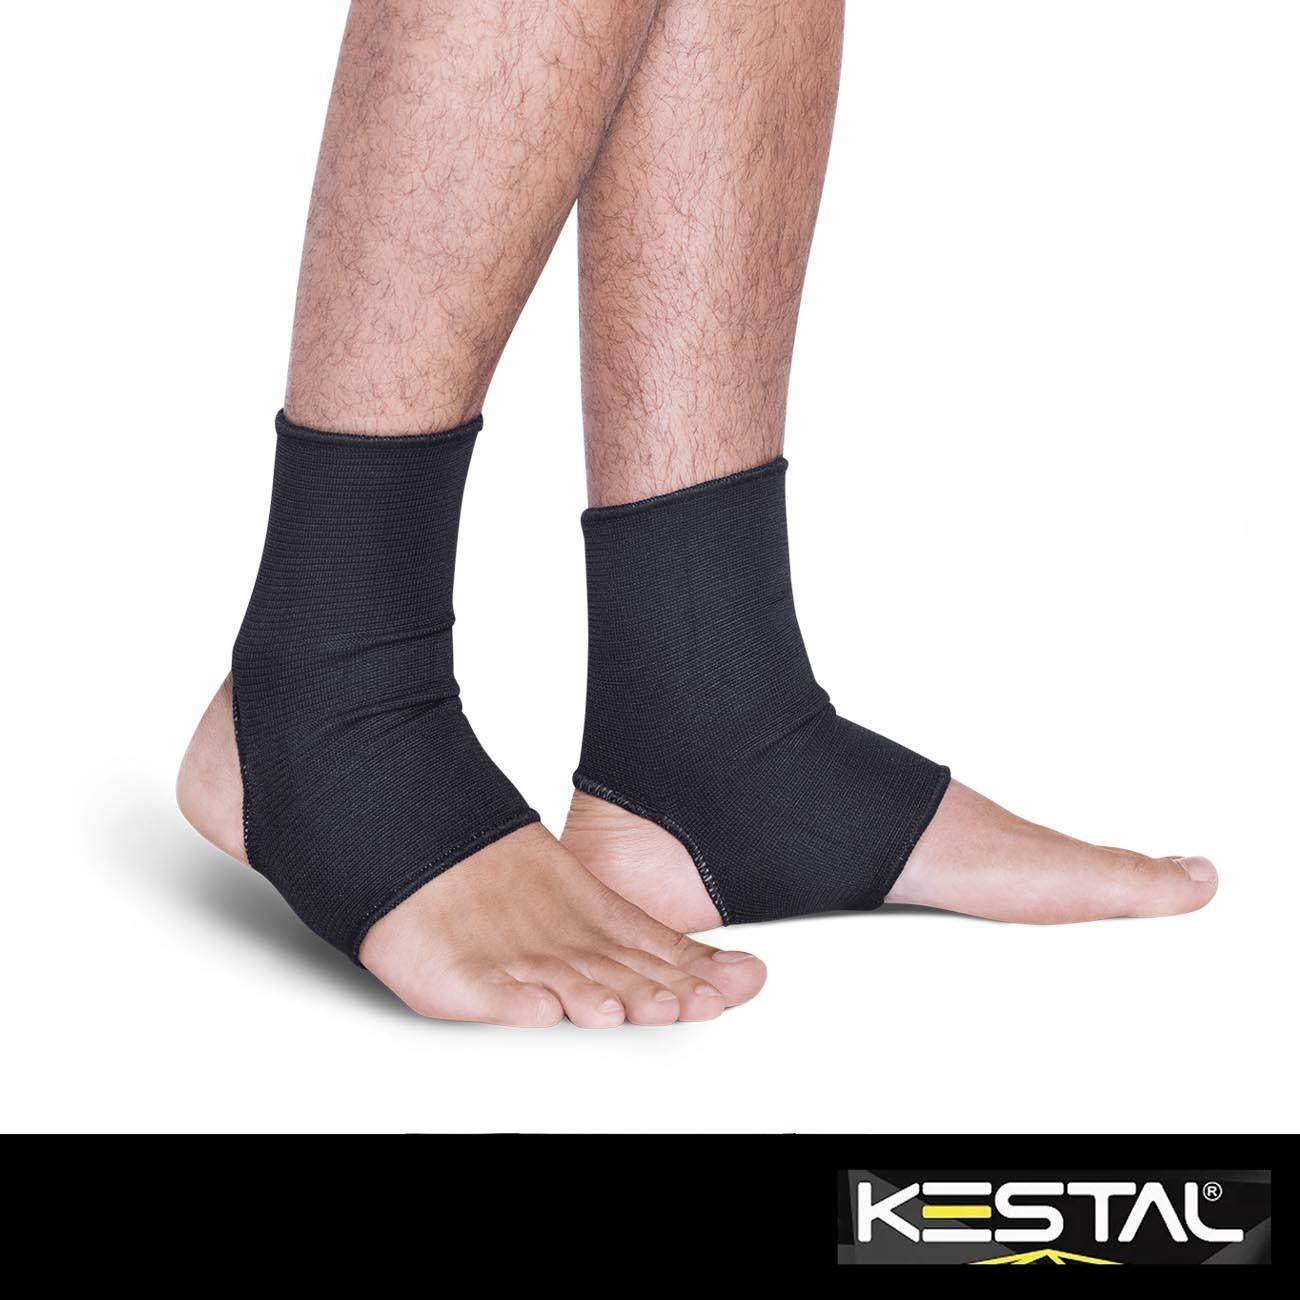 Tornozeleira Elástica Par (KSN045) - Kestal